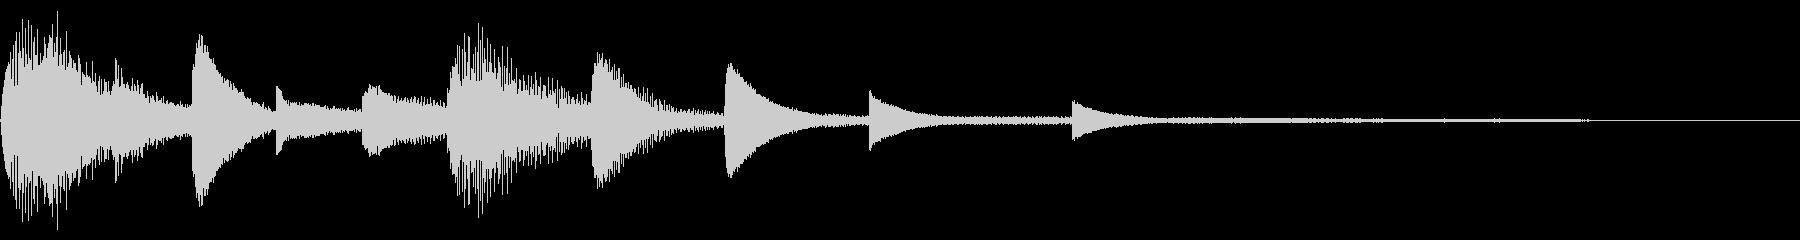 ピアノのジングルですの未再生の波形